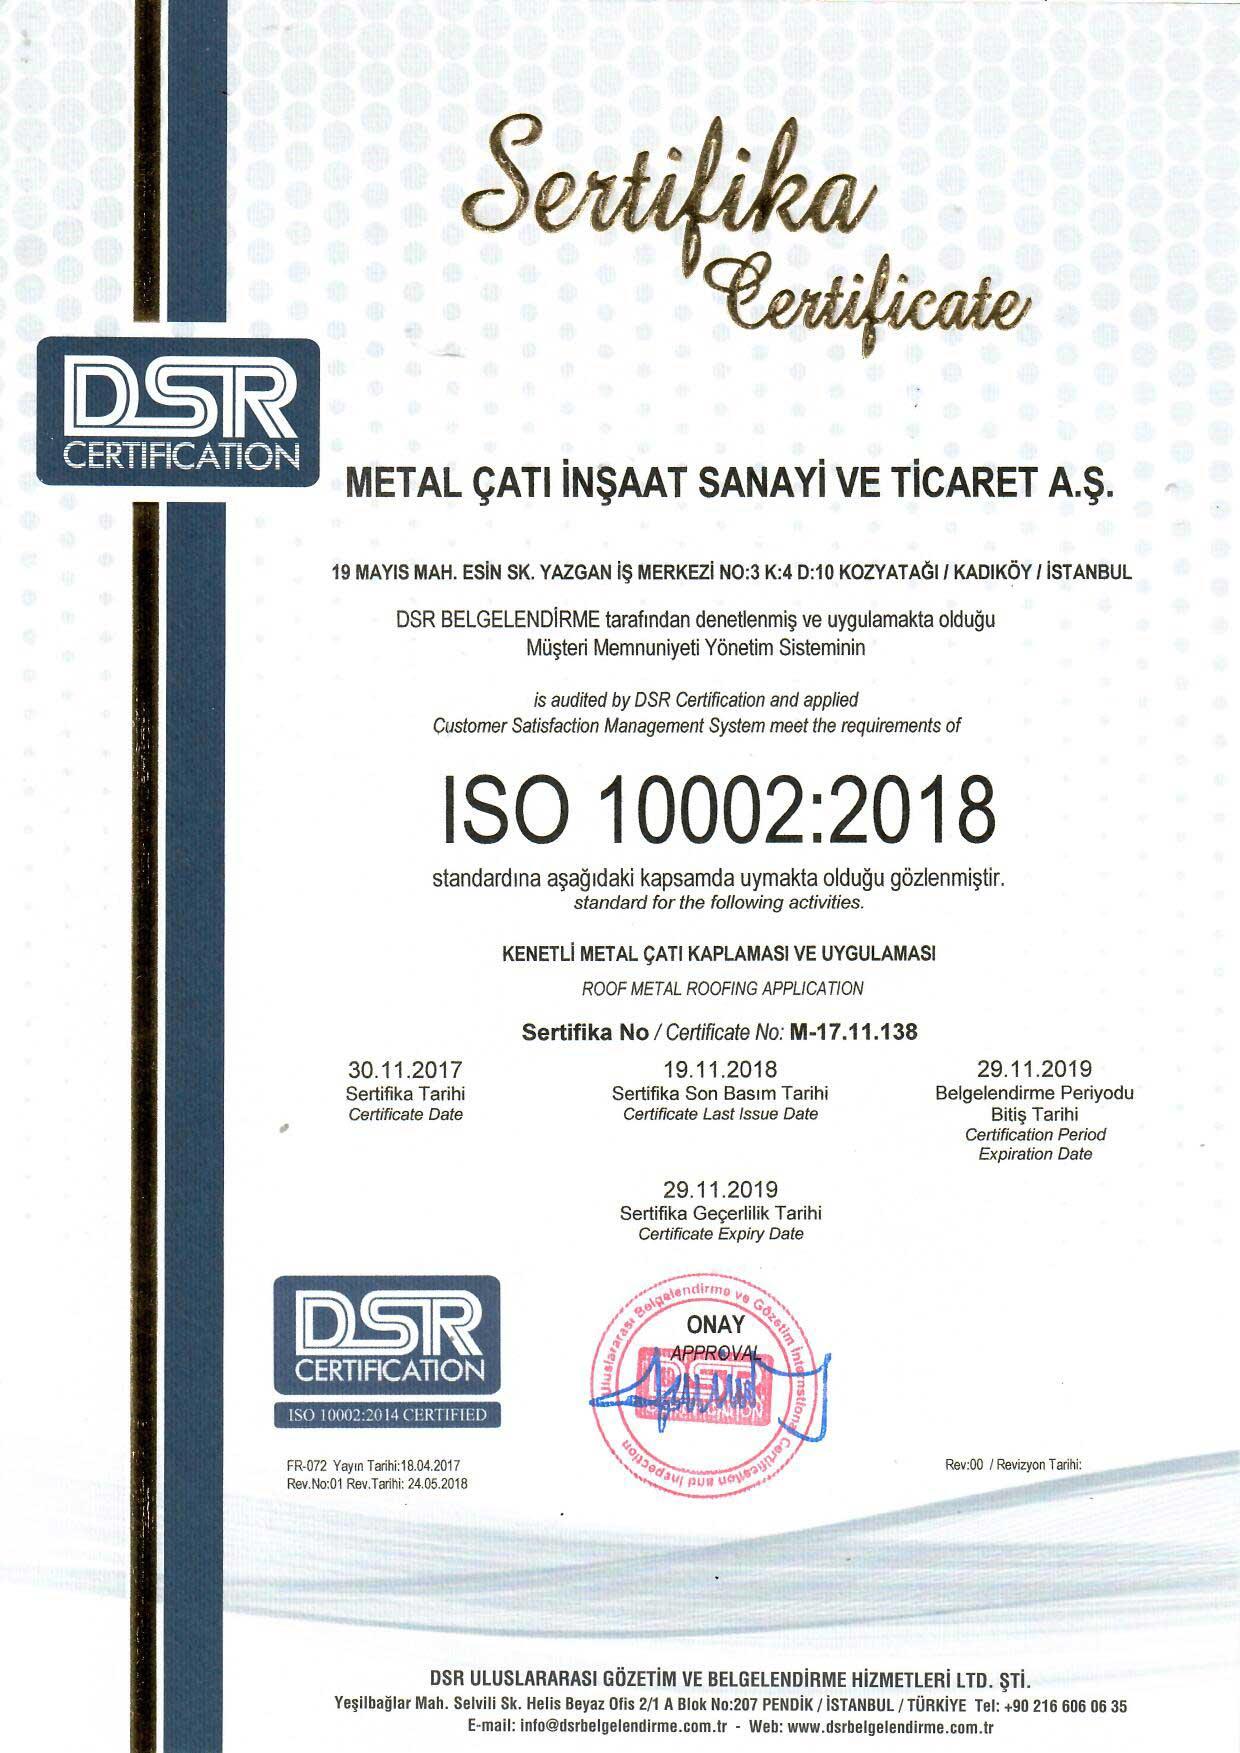 Metal Çatı - ISO 10002:2018